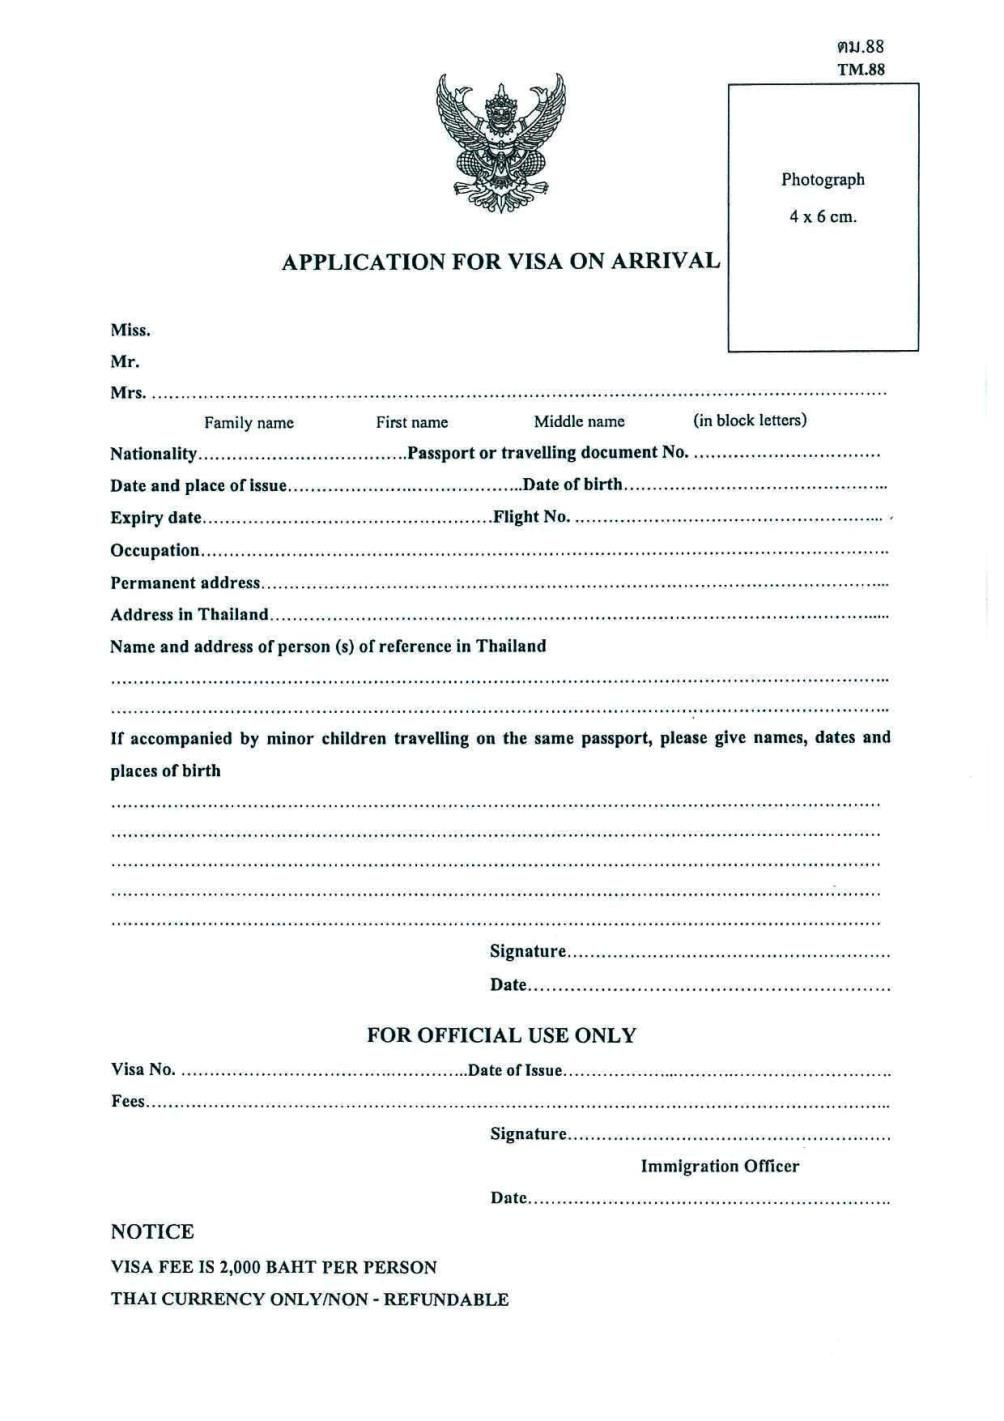 thailand visa on arrival form 2019 pdf download